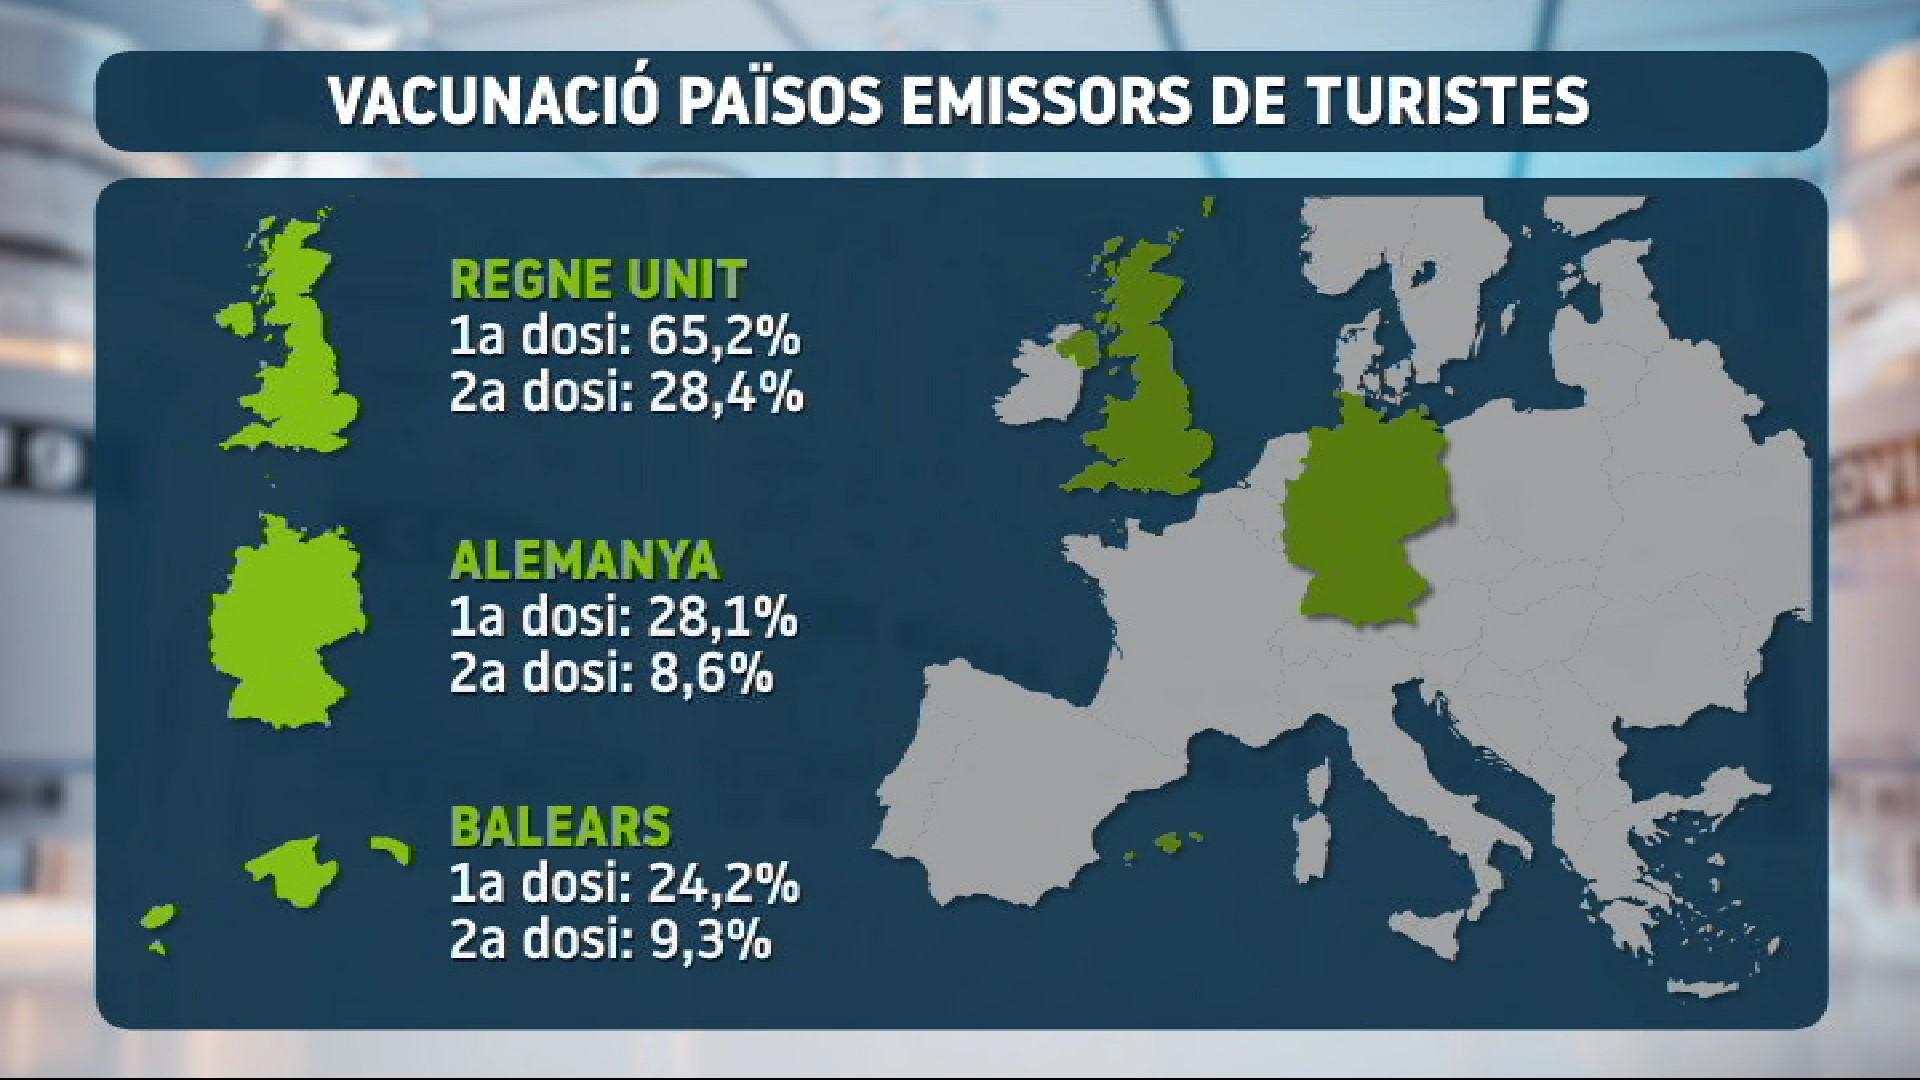 Un+65%25+dels+anglesos+ja+han+rebut+una+vacuna+mentre+els+alemanys+presenten+xifres+similars+als+espanyols